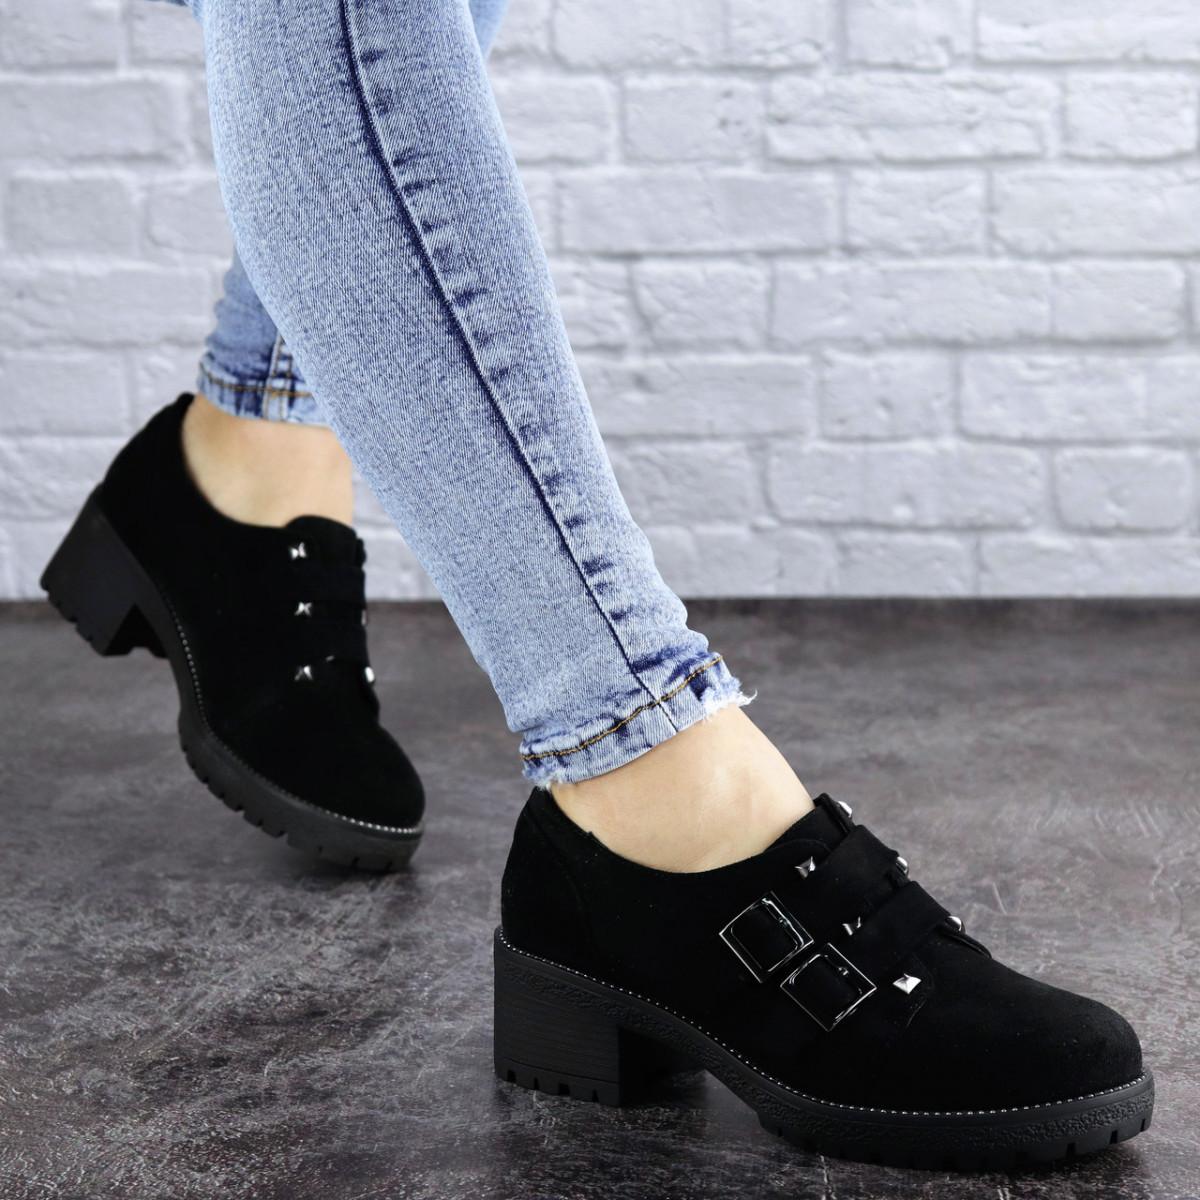 Туфли женские на каблуке черные Aleix 2062 (41 размер)